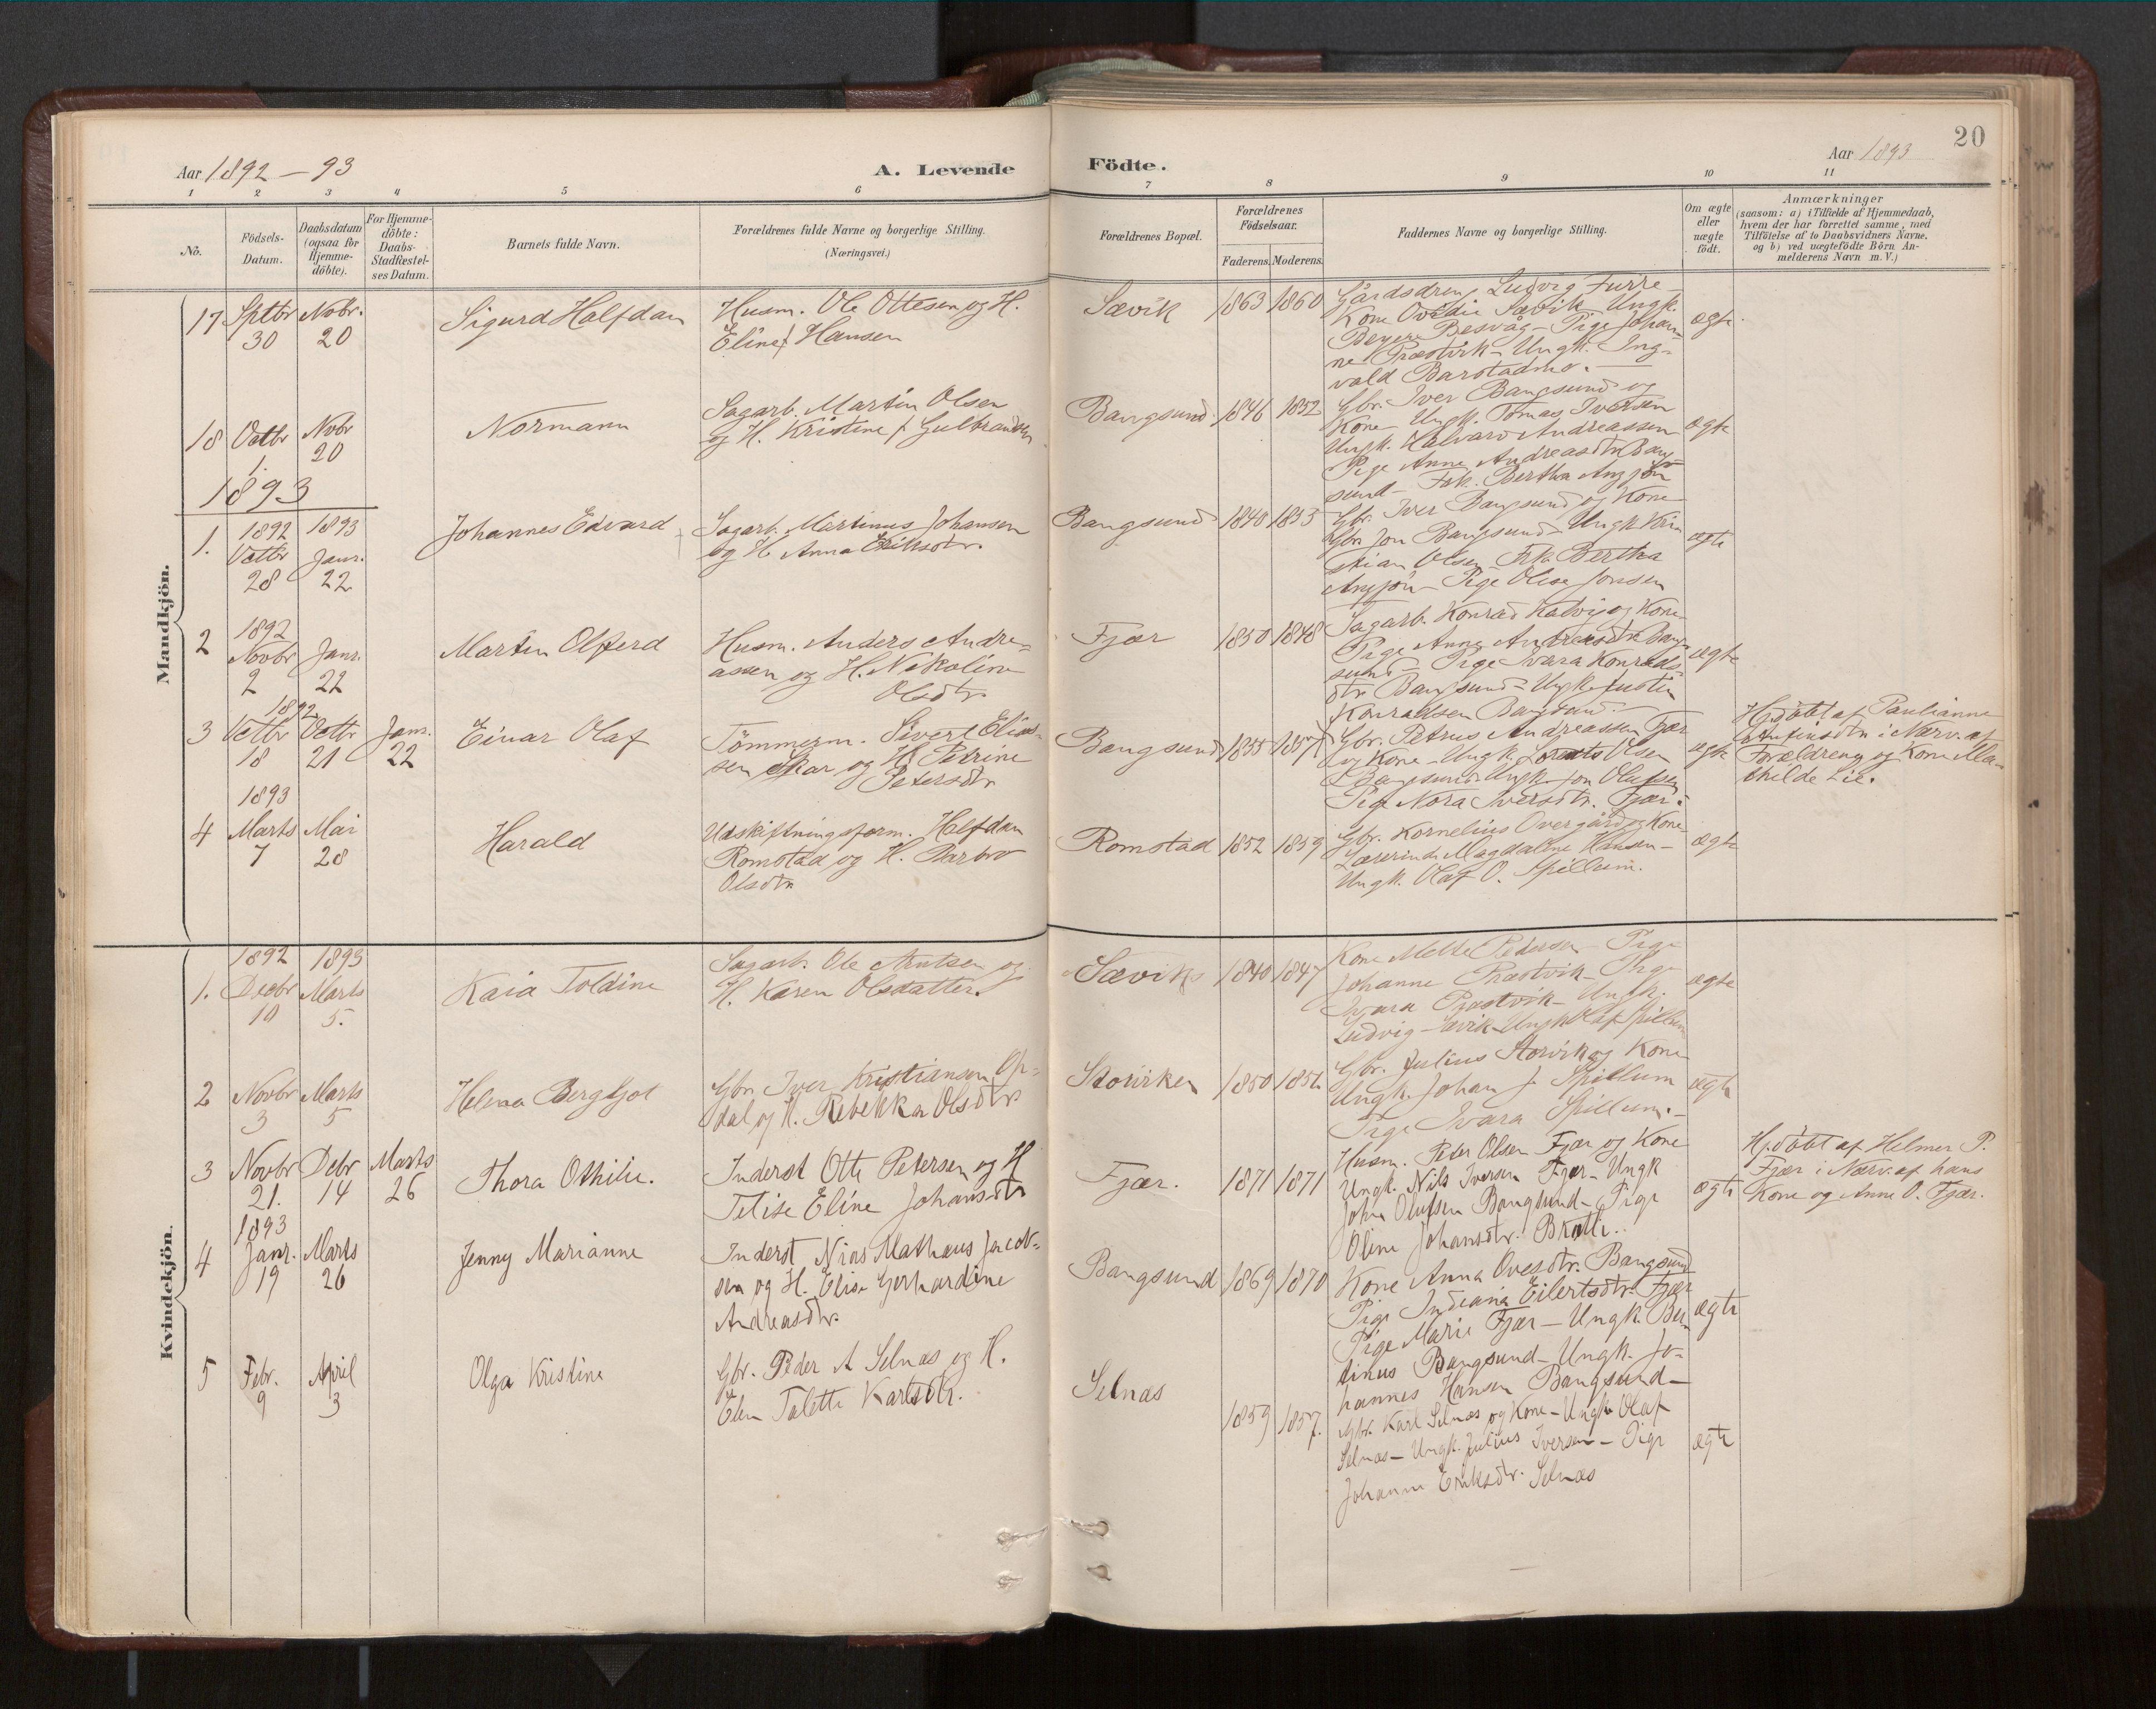 SAT, Ministerialprotokoller, klokkerbøker og fødselsregistre - Nord-Trøndelag, 770/L0589: Ministerialbok nr. 770A03, 1887-1929, s. 20